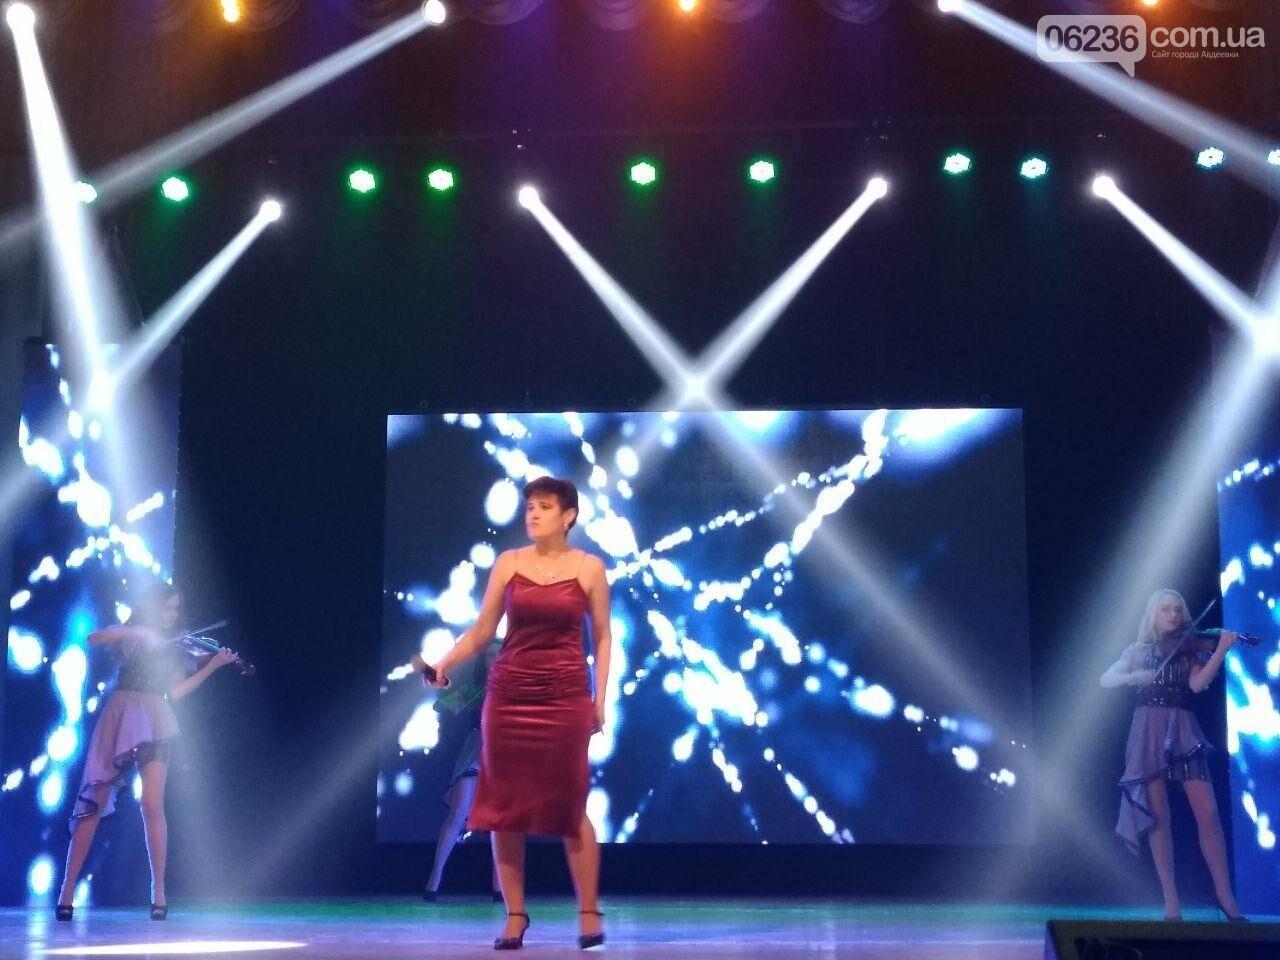 «АКХЗ - 55»: В Авдеевке определили победителей вокального шоу «Высоко» (ФОТО), фото-7